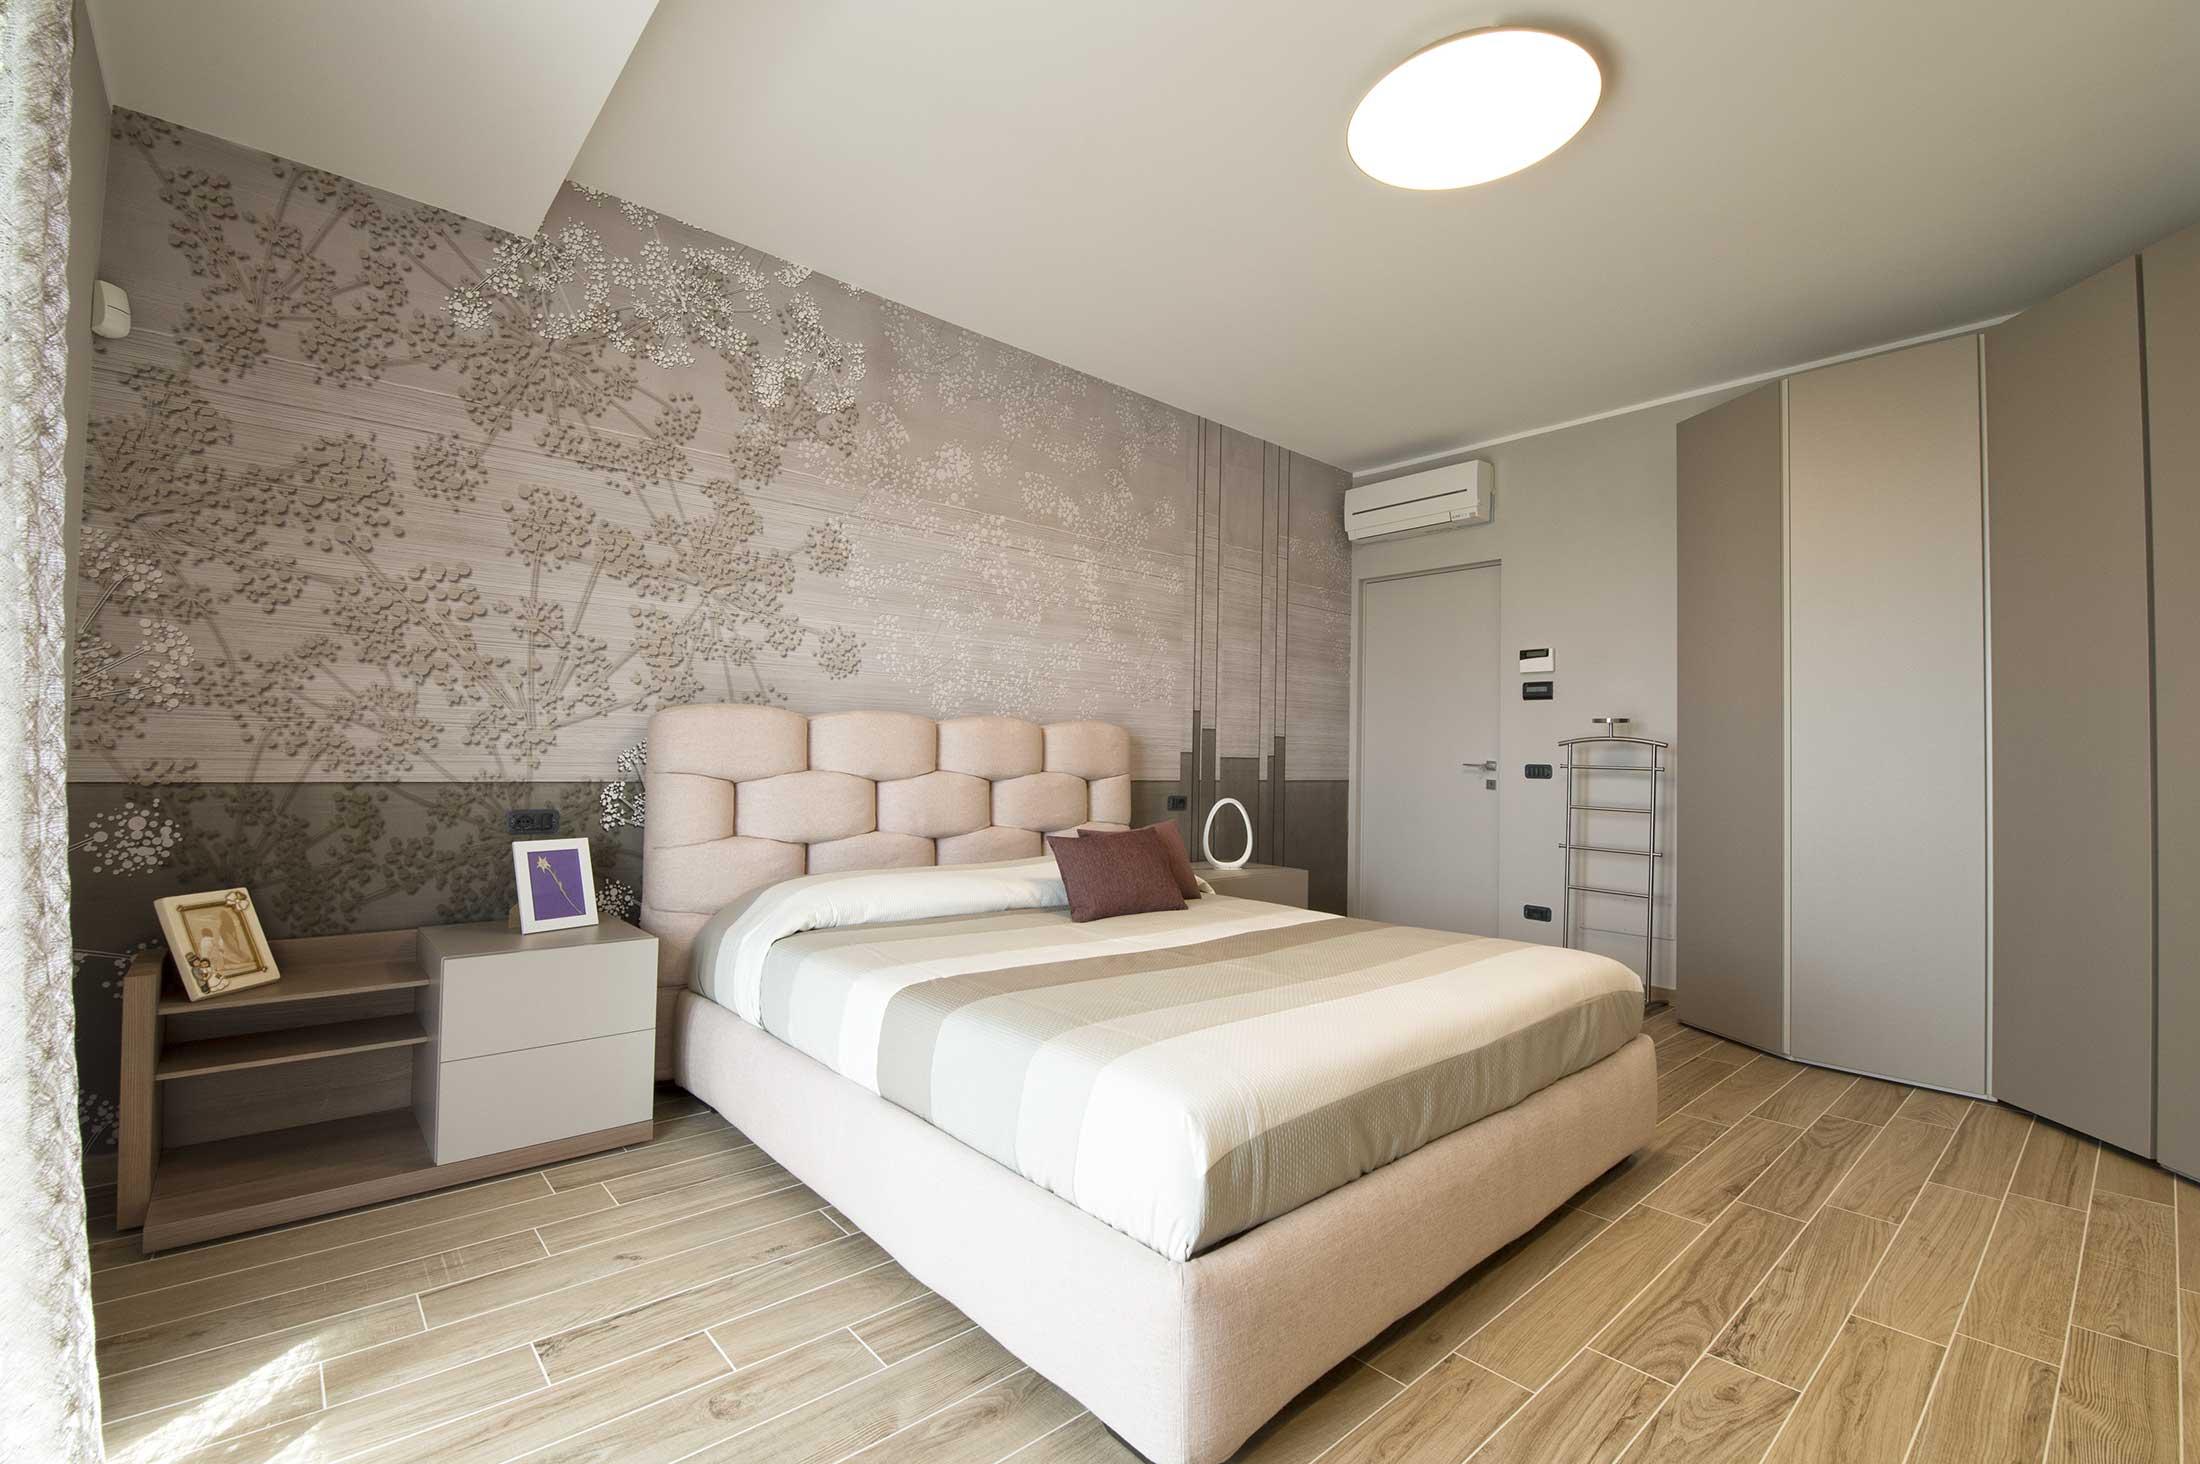 Abitazione-privata-Pensiero-Addessi-Design (11)